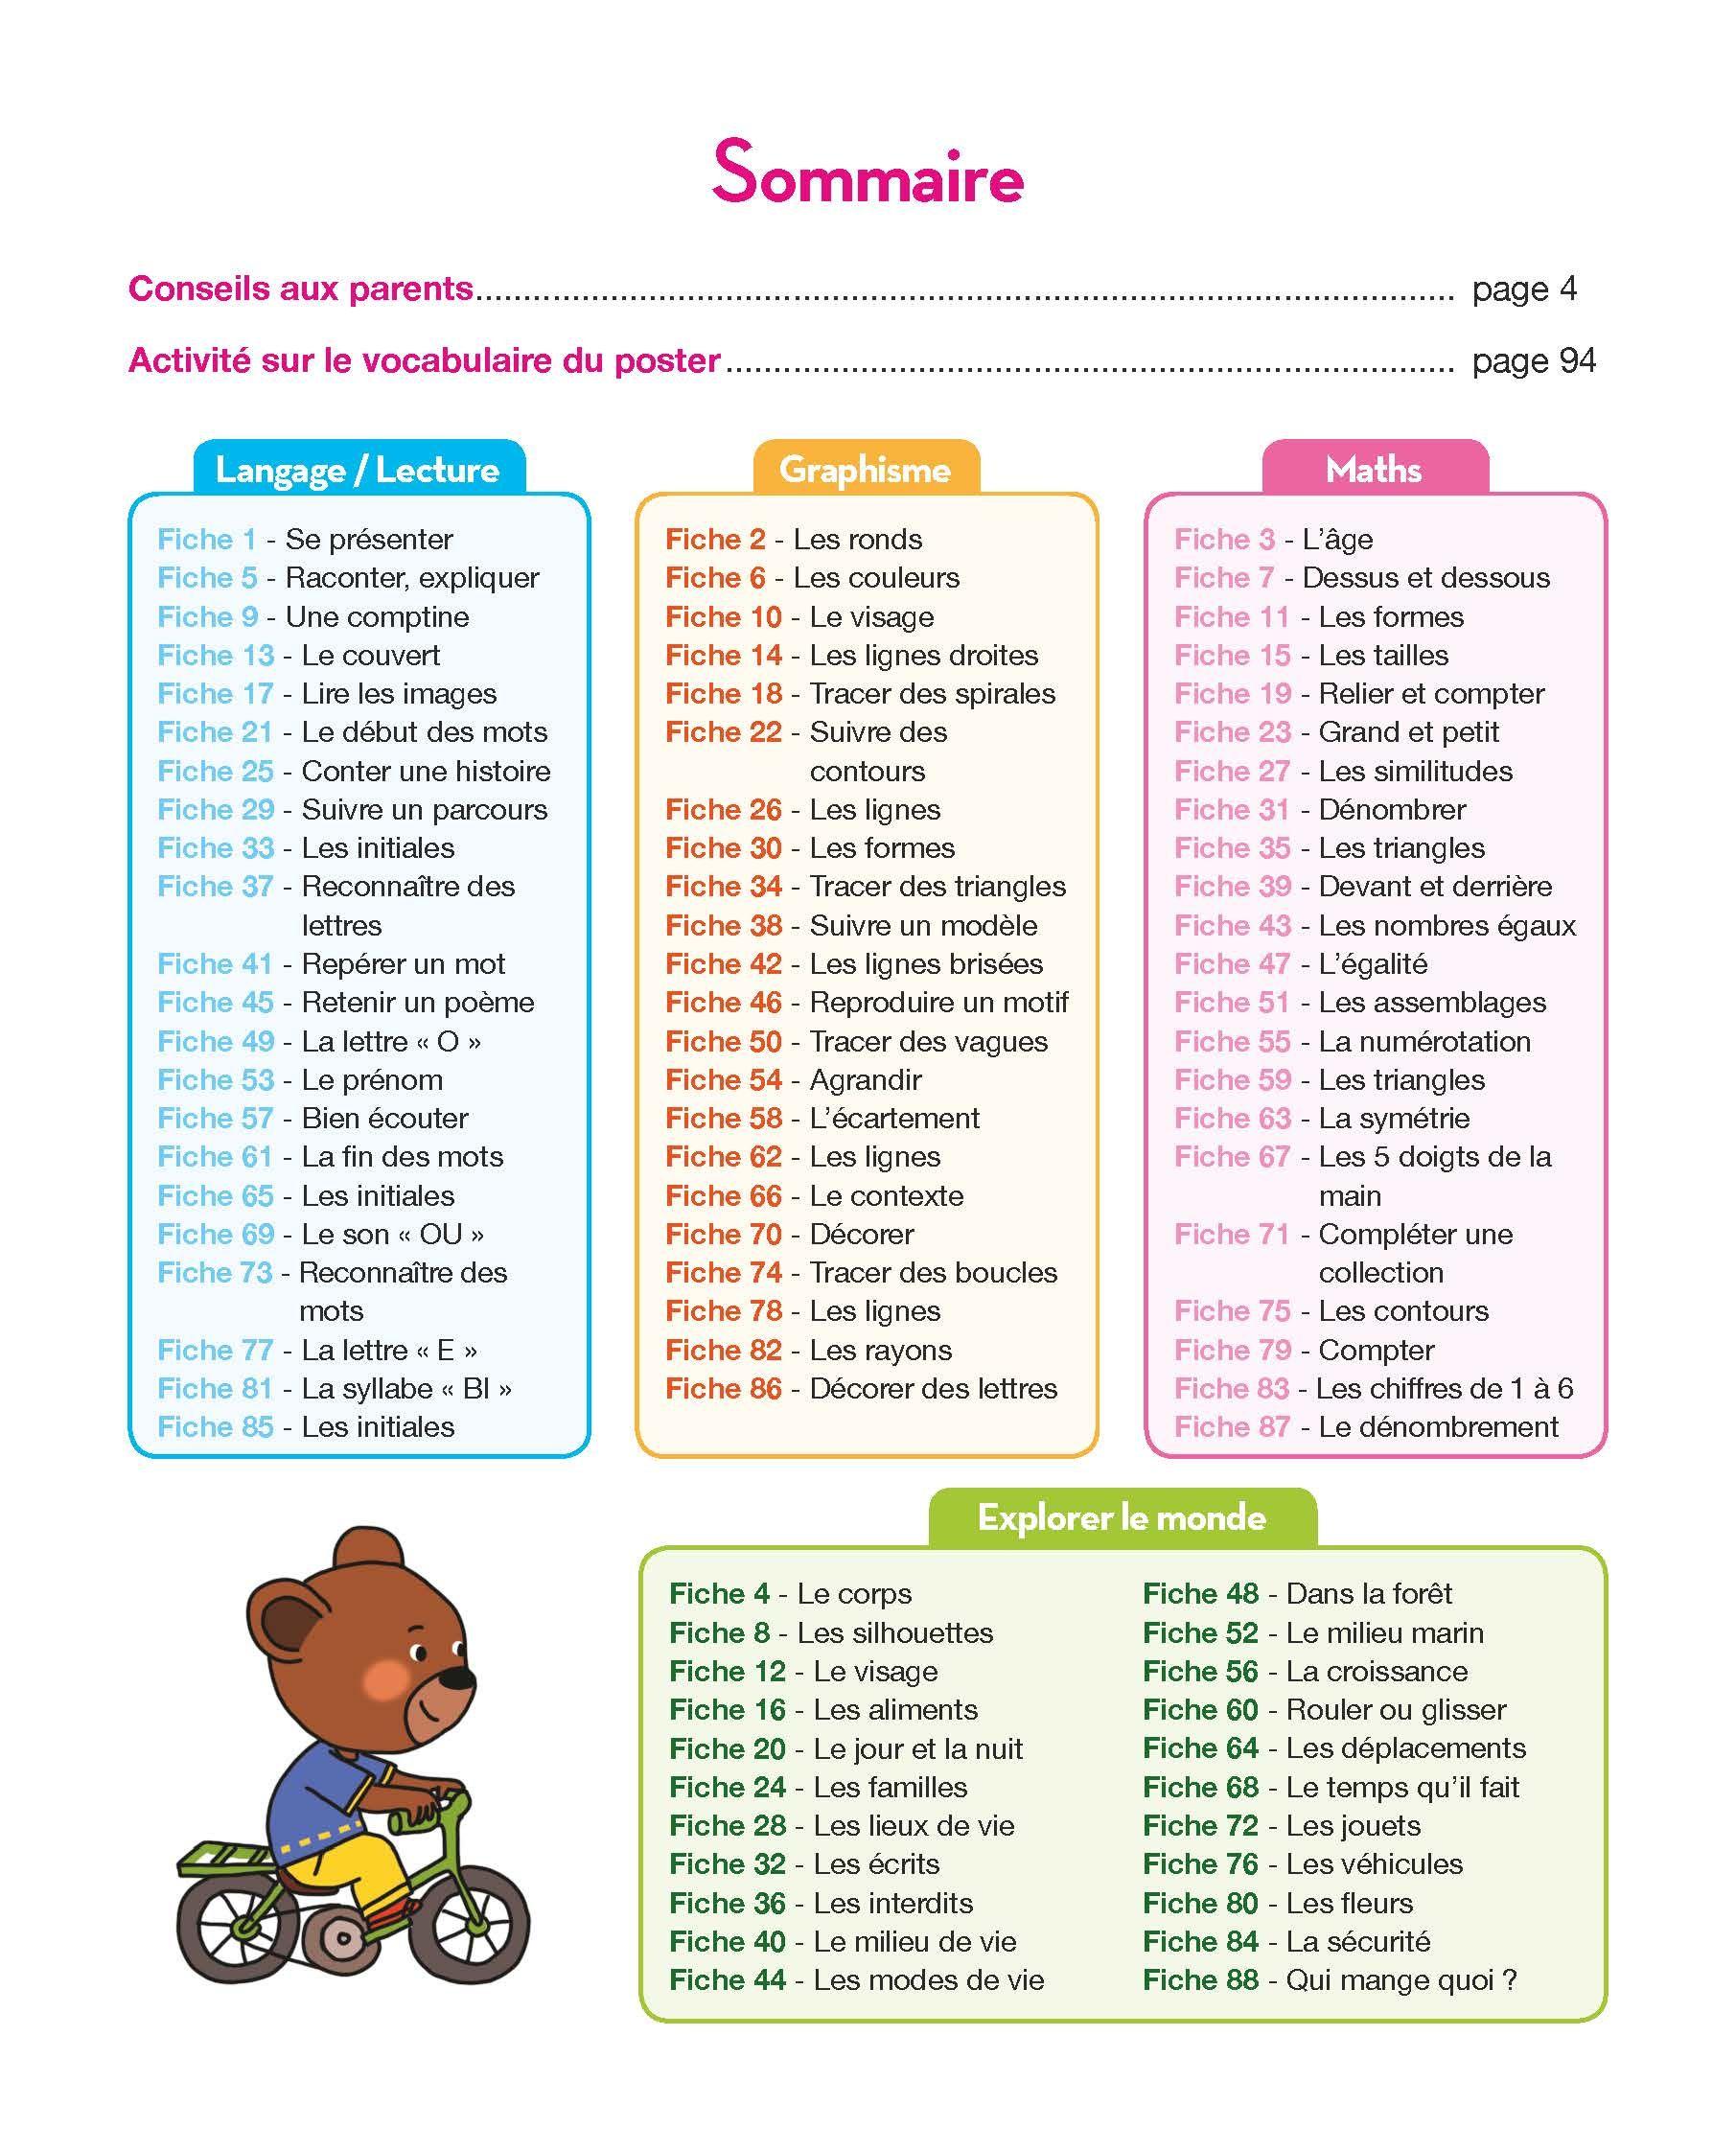 Sommaire Toute Ma Maternelle Tout Le Programme Petite Section Hachette Education Hachette Programme Petite Section Programme Maternelle Evaluation Maternelle